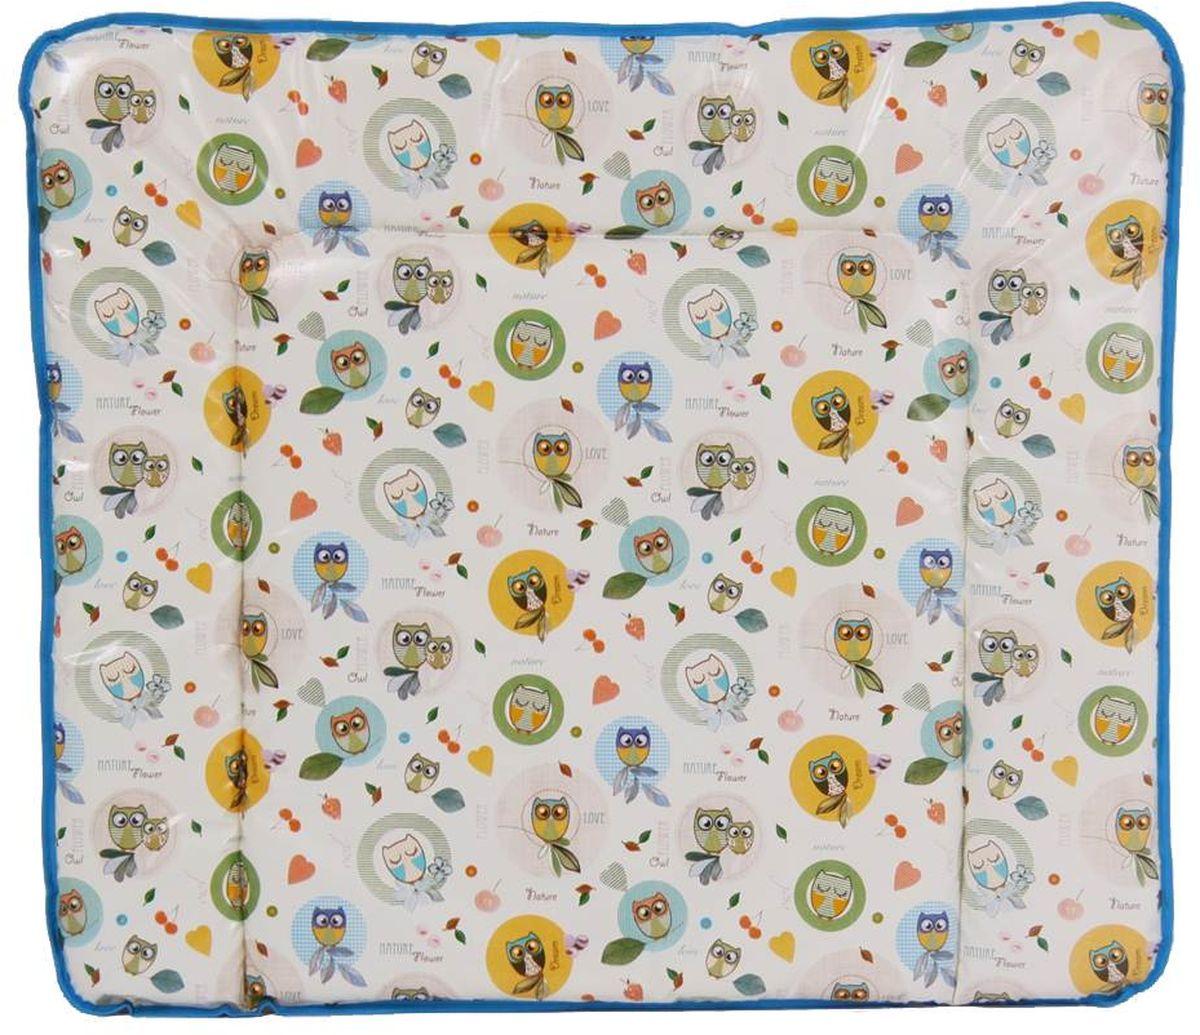 Polini Доска пеленальная Совы 0001345-1 -  Позиционеры, матрасы для пеленания